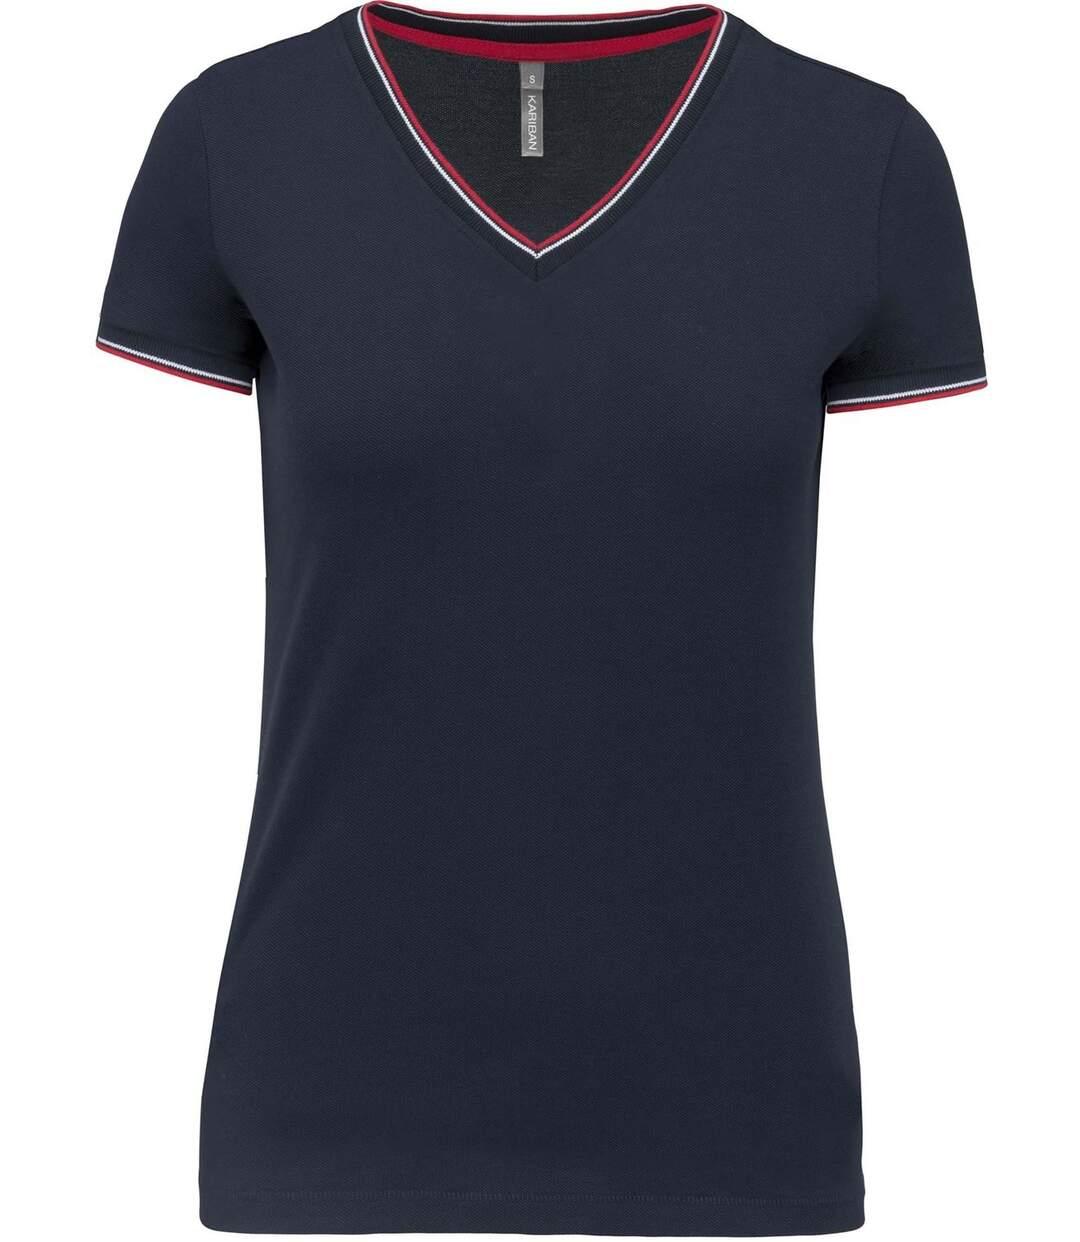 Dégagement T-shirt manches courtes coton piqué col V K394 bleu marine red femme dsf.d455nksdKLFHG